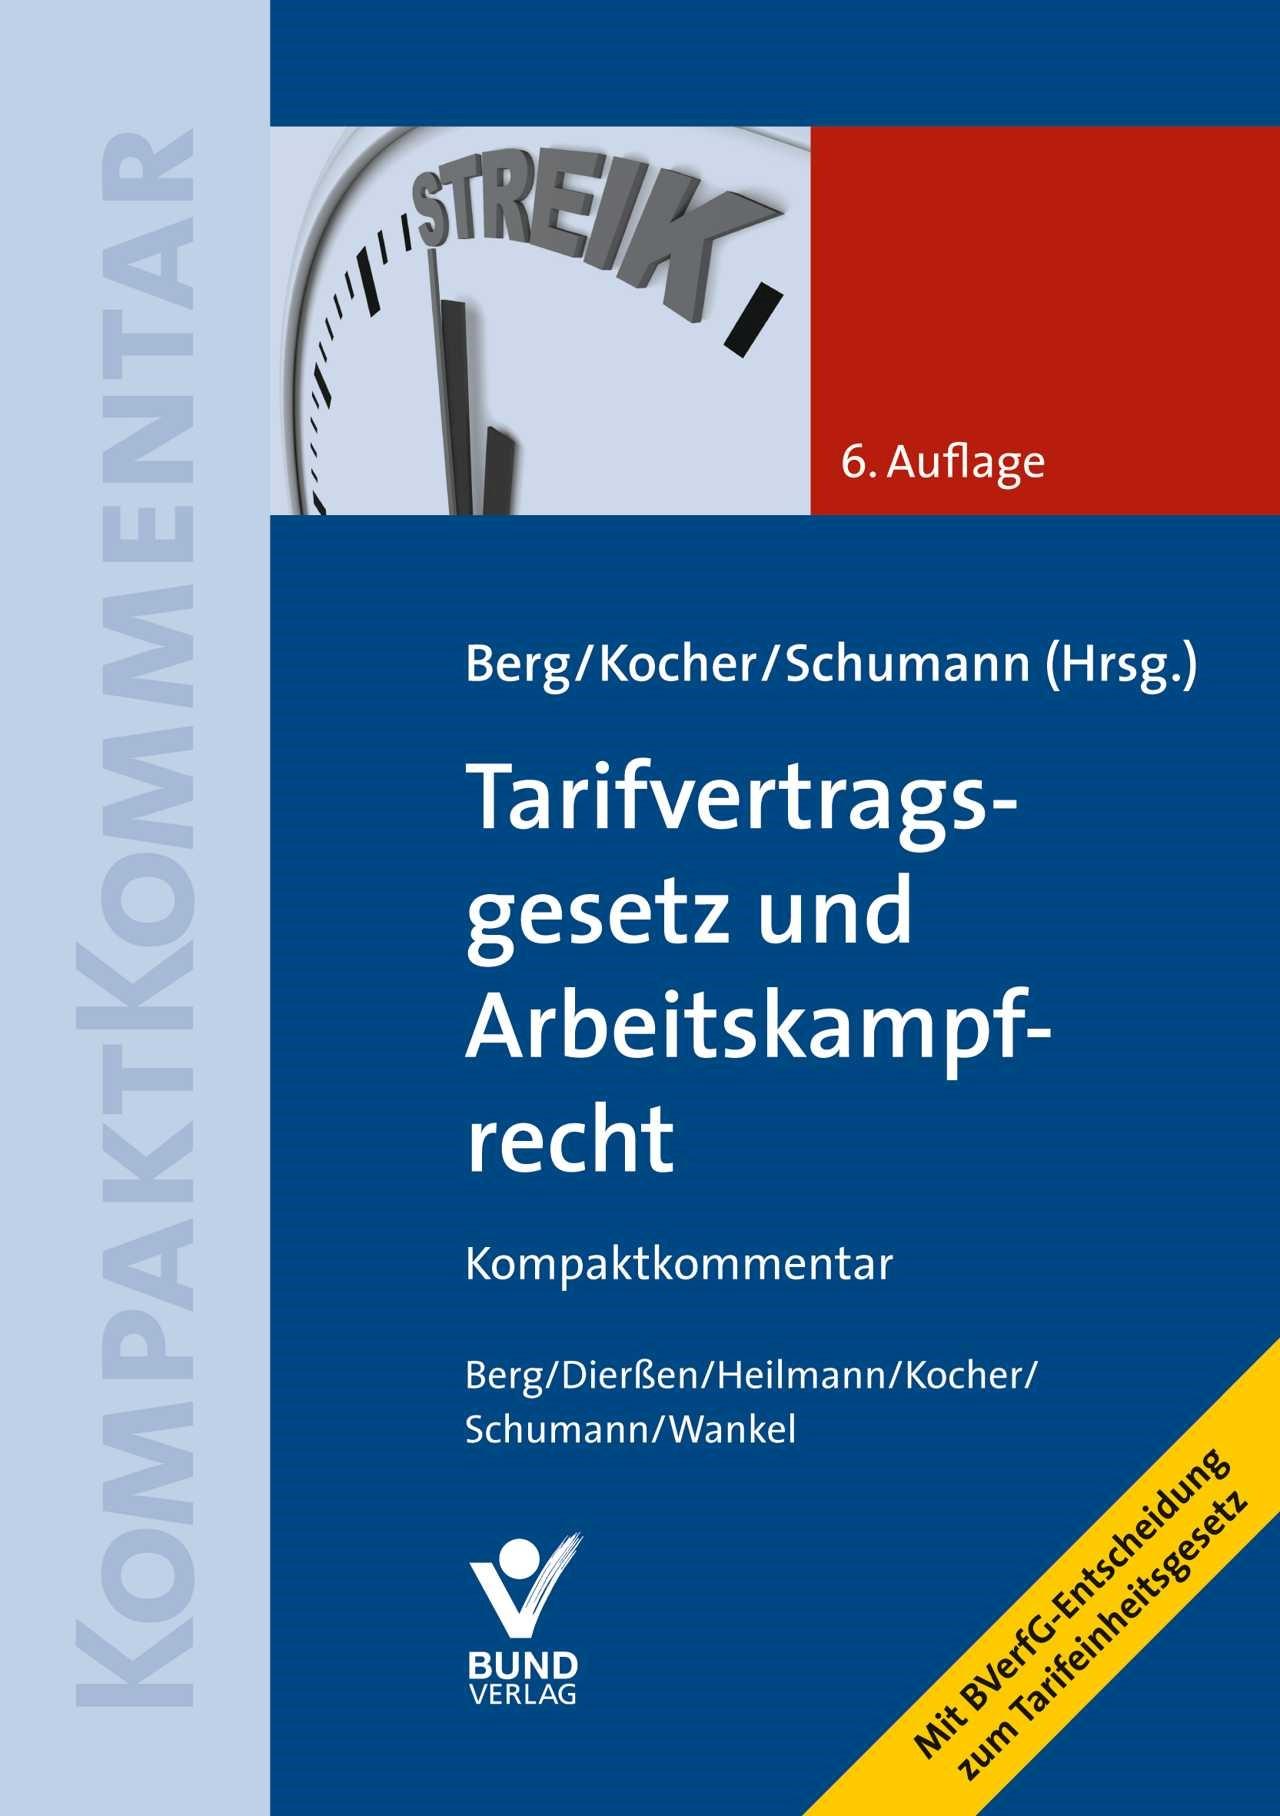 Tarifvertragsgesetz und Arbeitskampfrecht | Berg / Kocher / Schumann (Hrsg.) | 6. Auflage, 2018 | Buch (Cover)